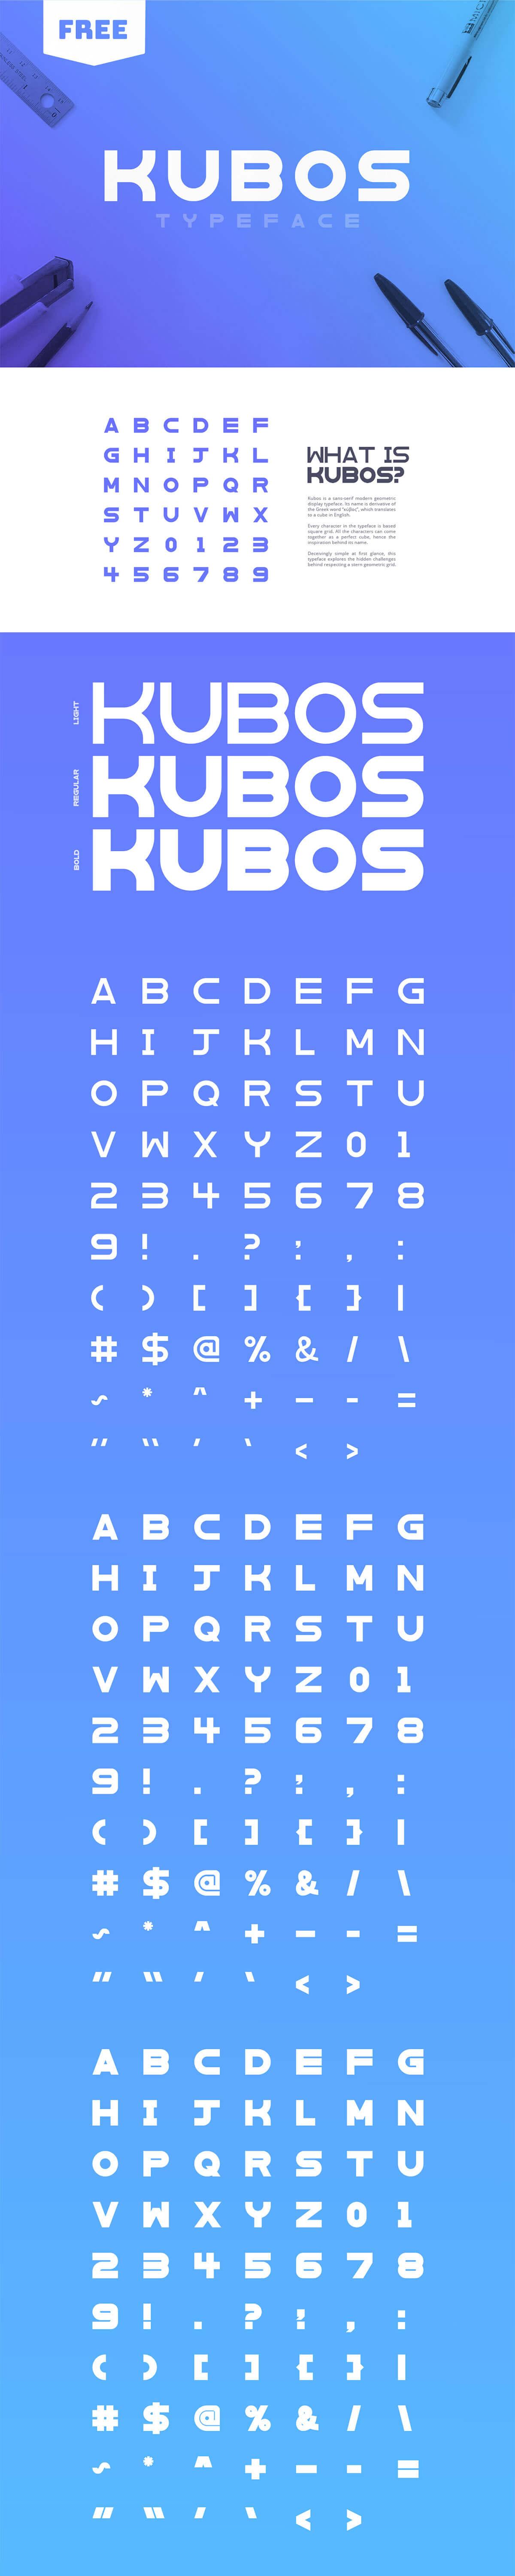 Free Kubos Sans Serif Font